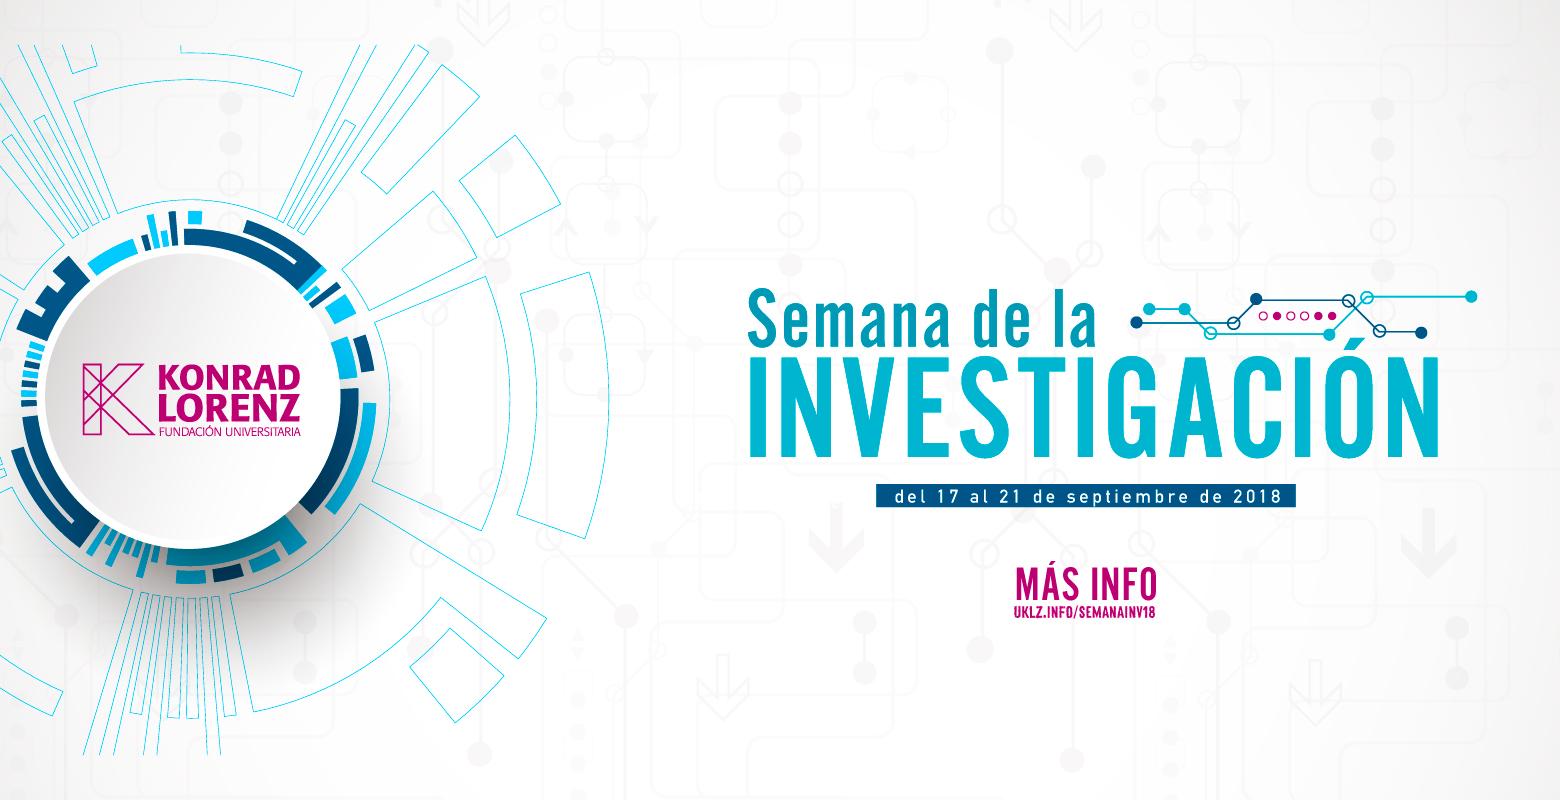 Semana de la Investigación, desarrollo e innovación de la Konrad Lorenz